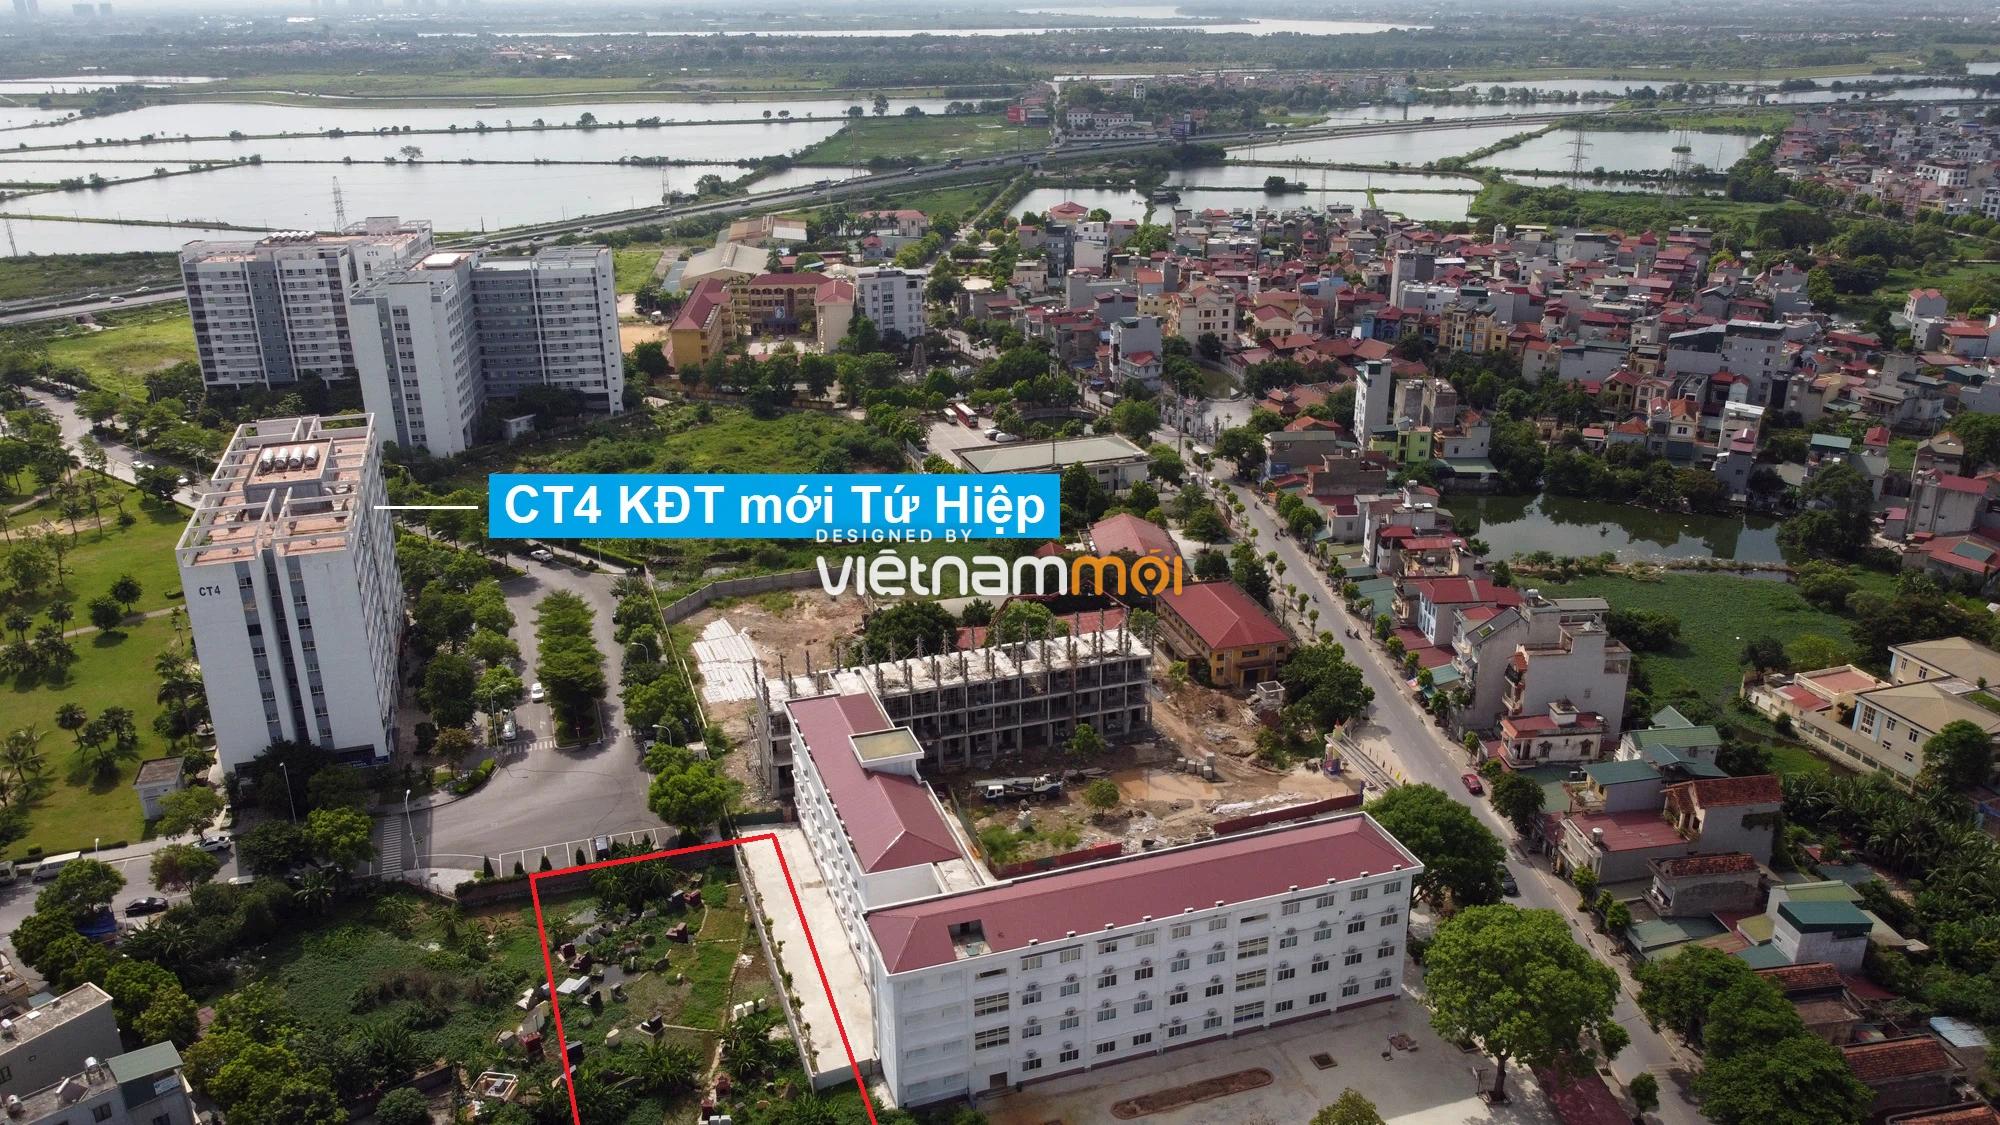 Những khu đất sắp thu hồi để mở đường ở xã Tứ Hiệp, Thanh Trì, Hà Nội (phần 1) - Ảnh 14.